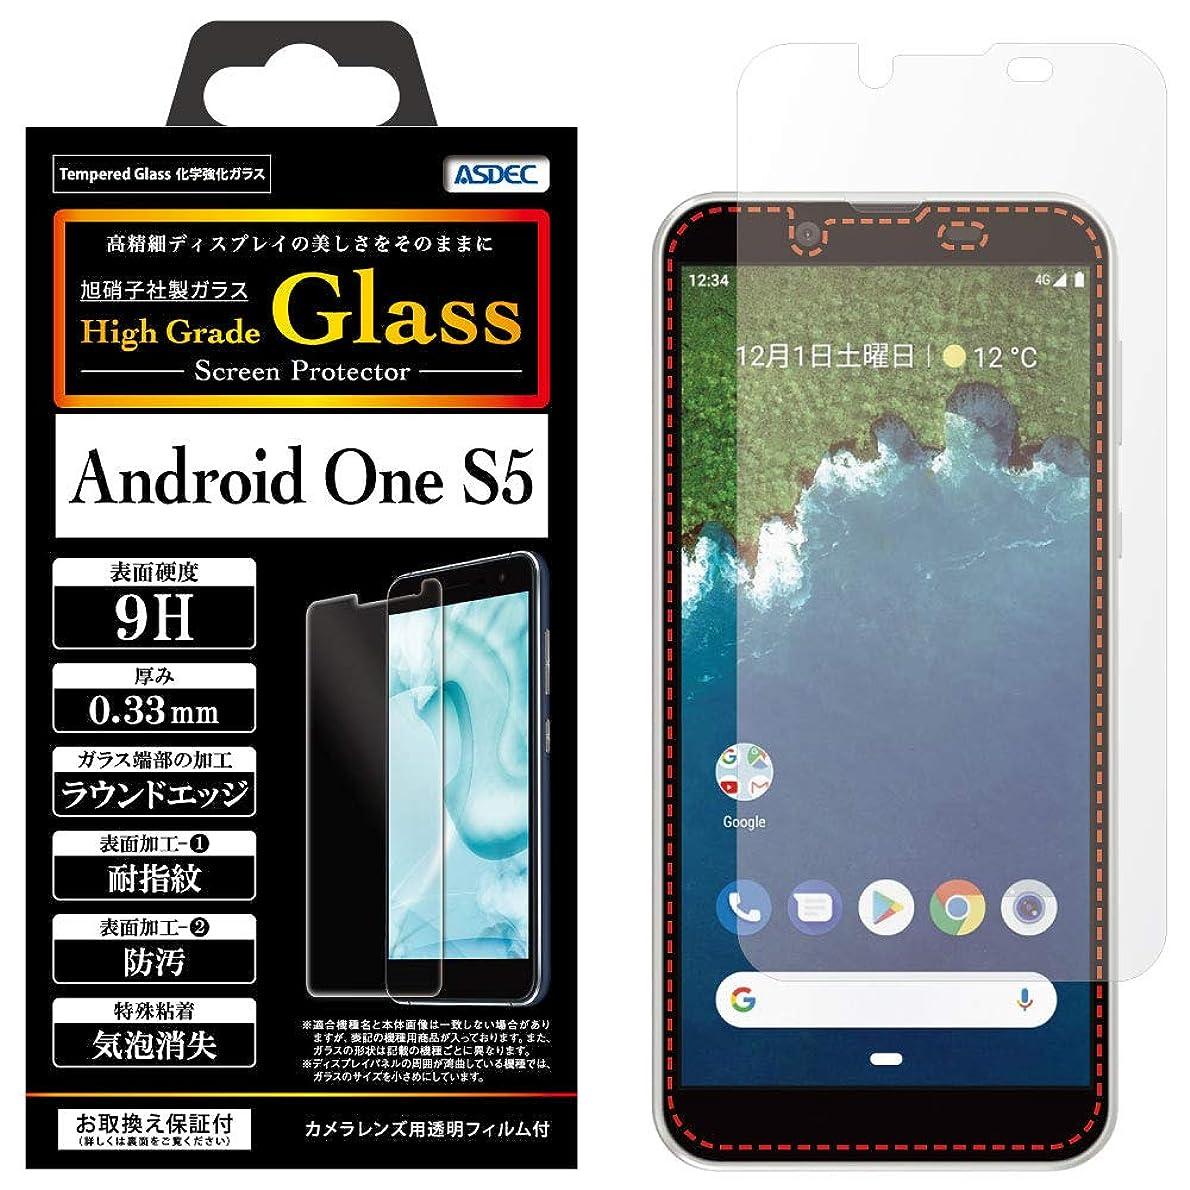 スリップシューズ負獣ASDEC アスデック Android One S5 ガラスフィルム 強化ガラス High Grade Glass ?7日間保証付?旭硝子社製?化学強化ガラス フィルム?9H?0.33mm?耐指紋 指紋防止?キズ防止?防汚?気泡消失 (Android One S5, ガラスフィルム)